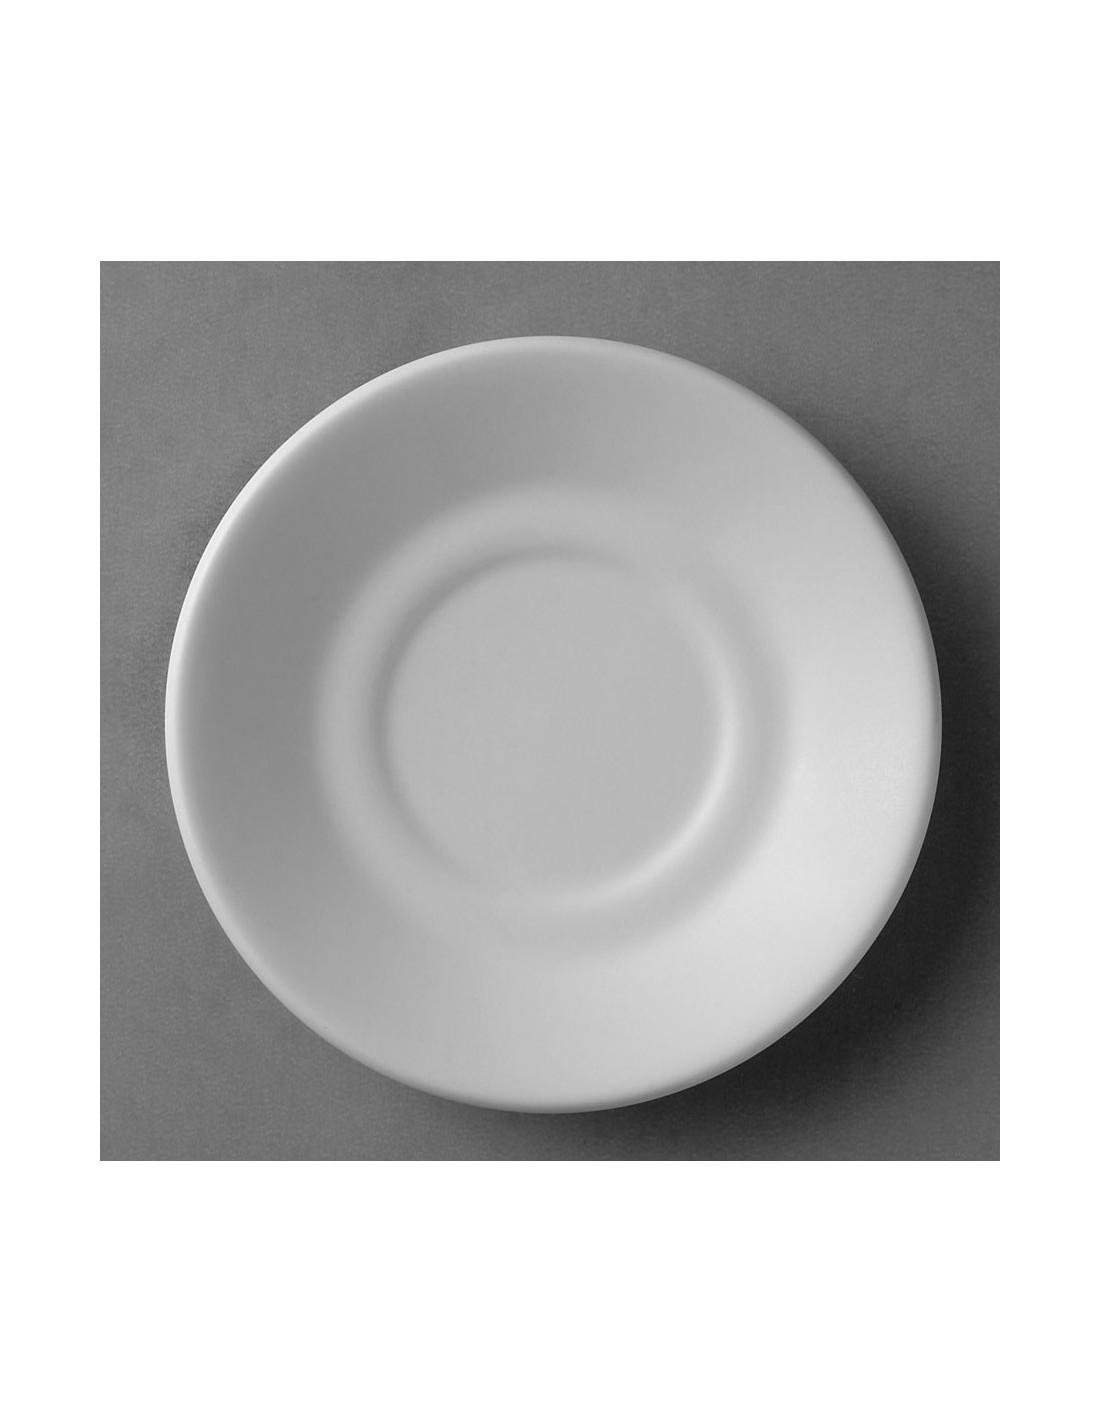 Plato para taza para cafe clasico anfora blanco polar for Platos para